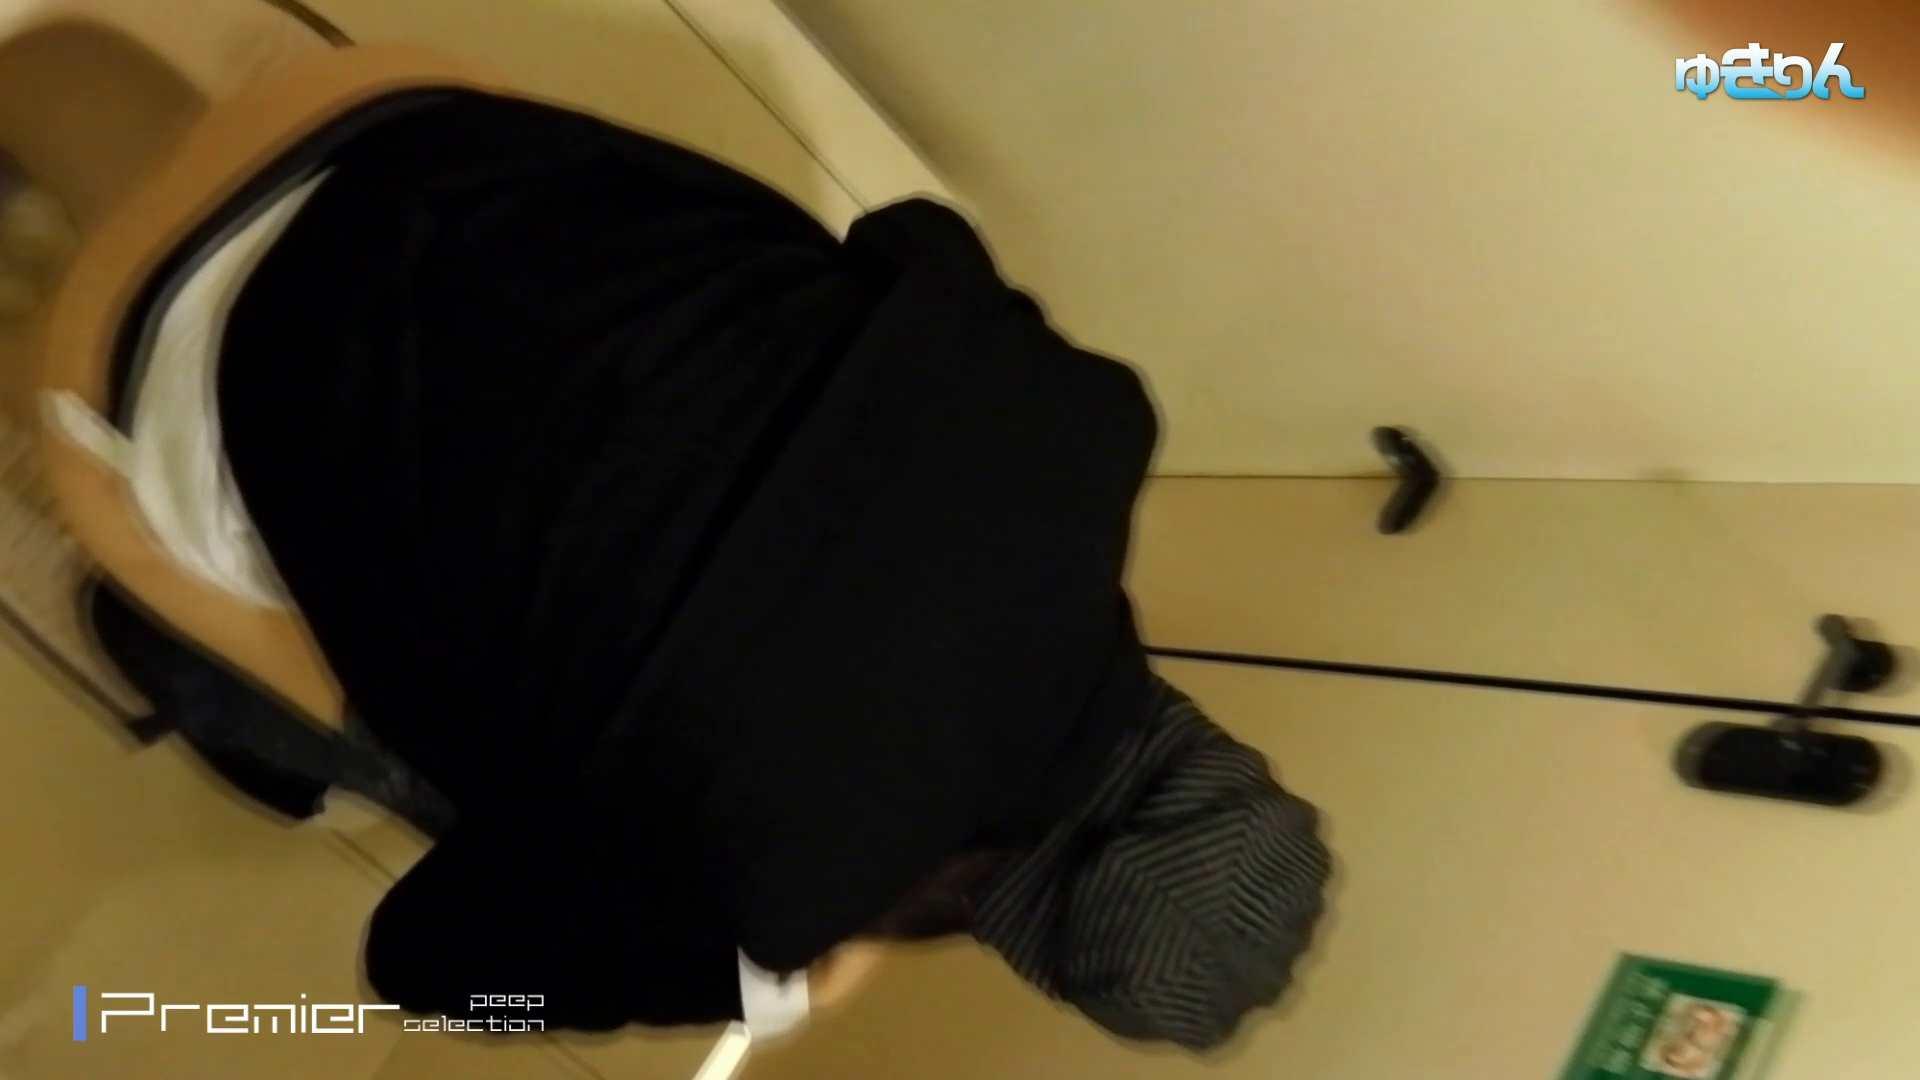 新世界の射窓 No98 キターッ特別に可愛い子の為、外まで粘着追い撮り!! 洗面所 | 0  51pic 51